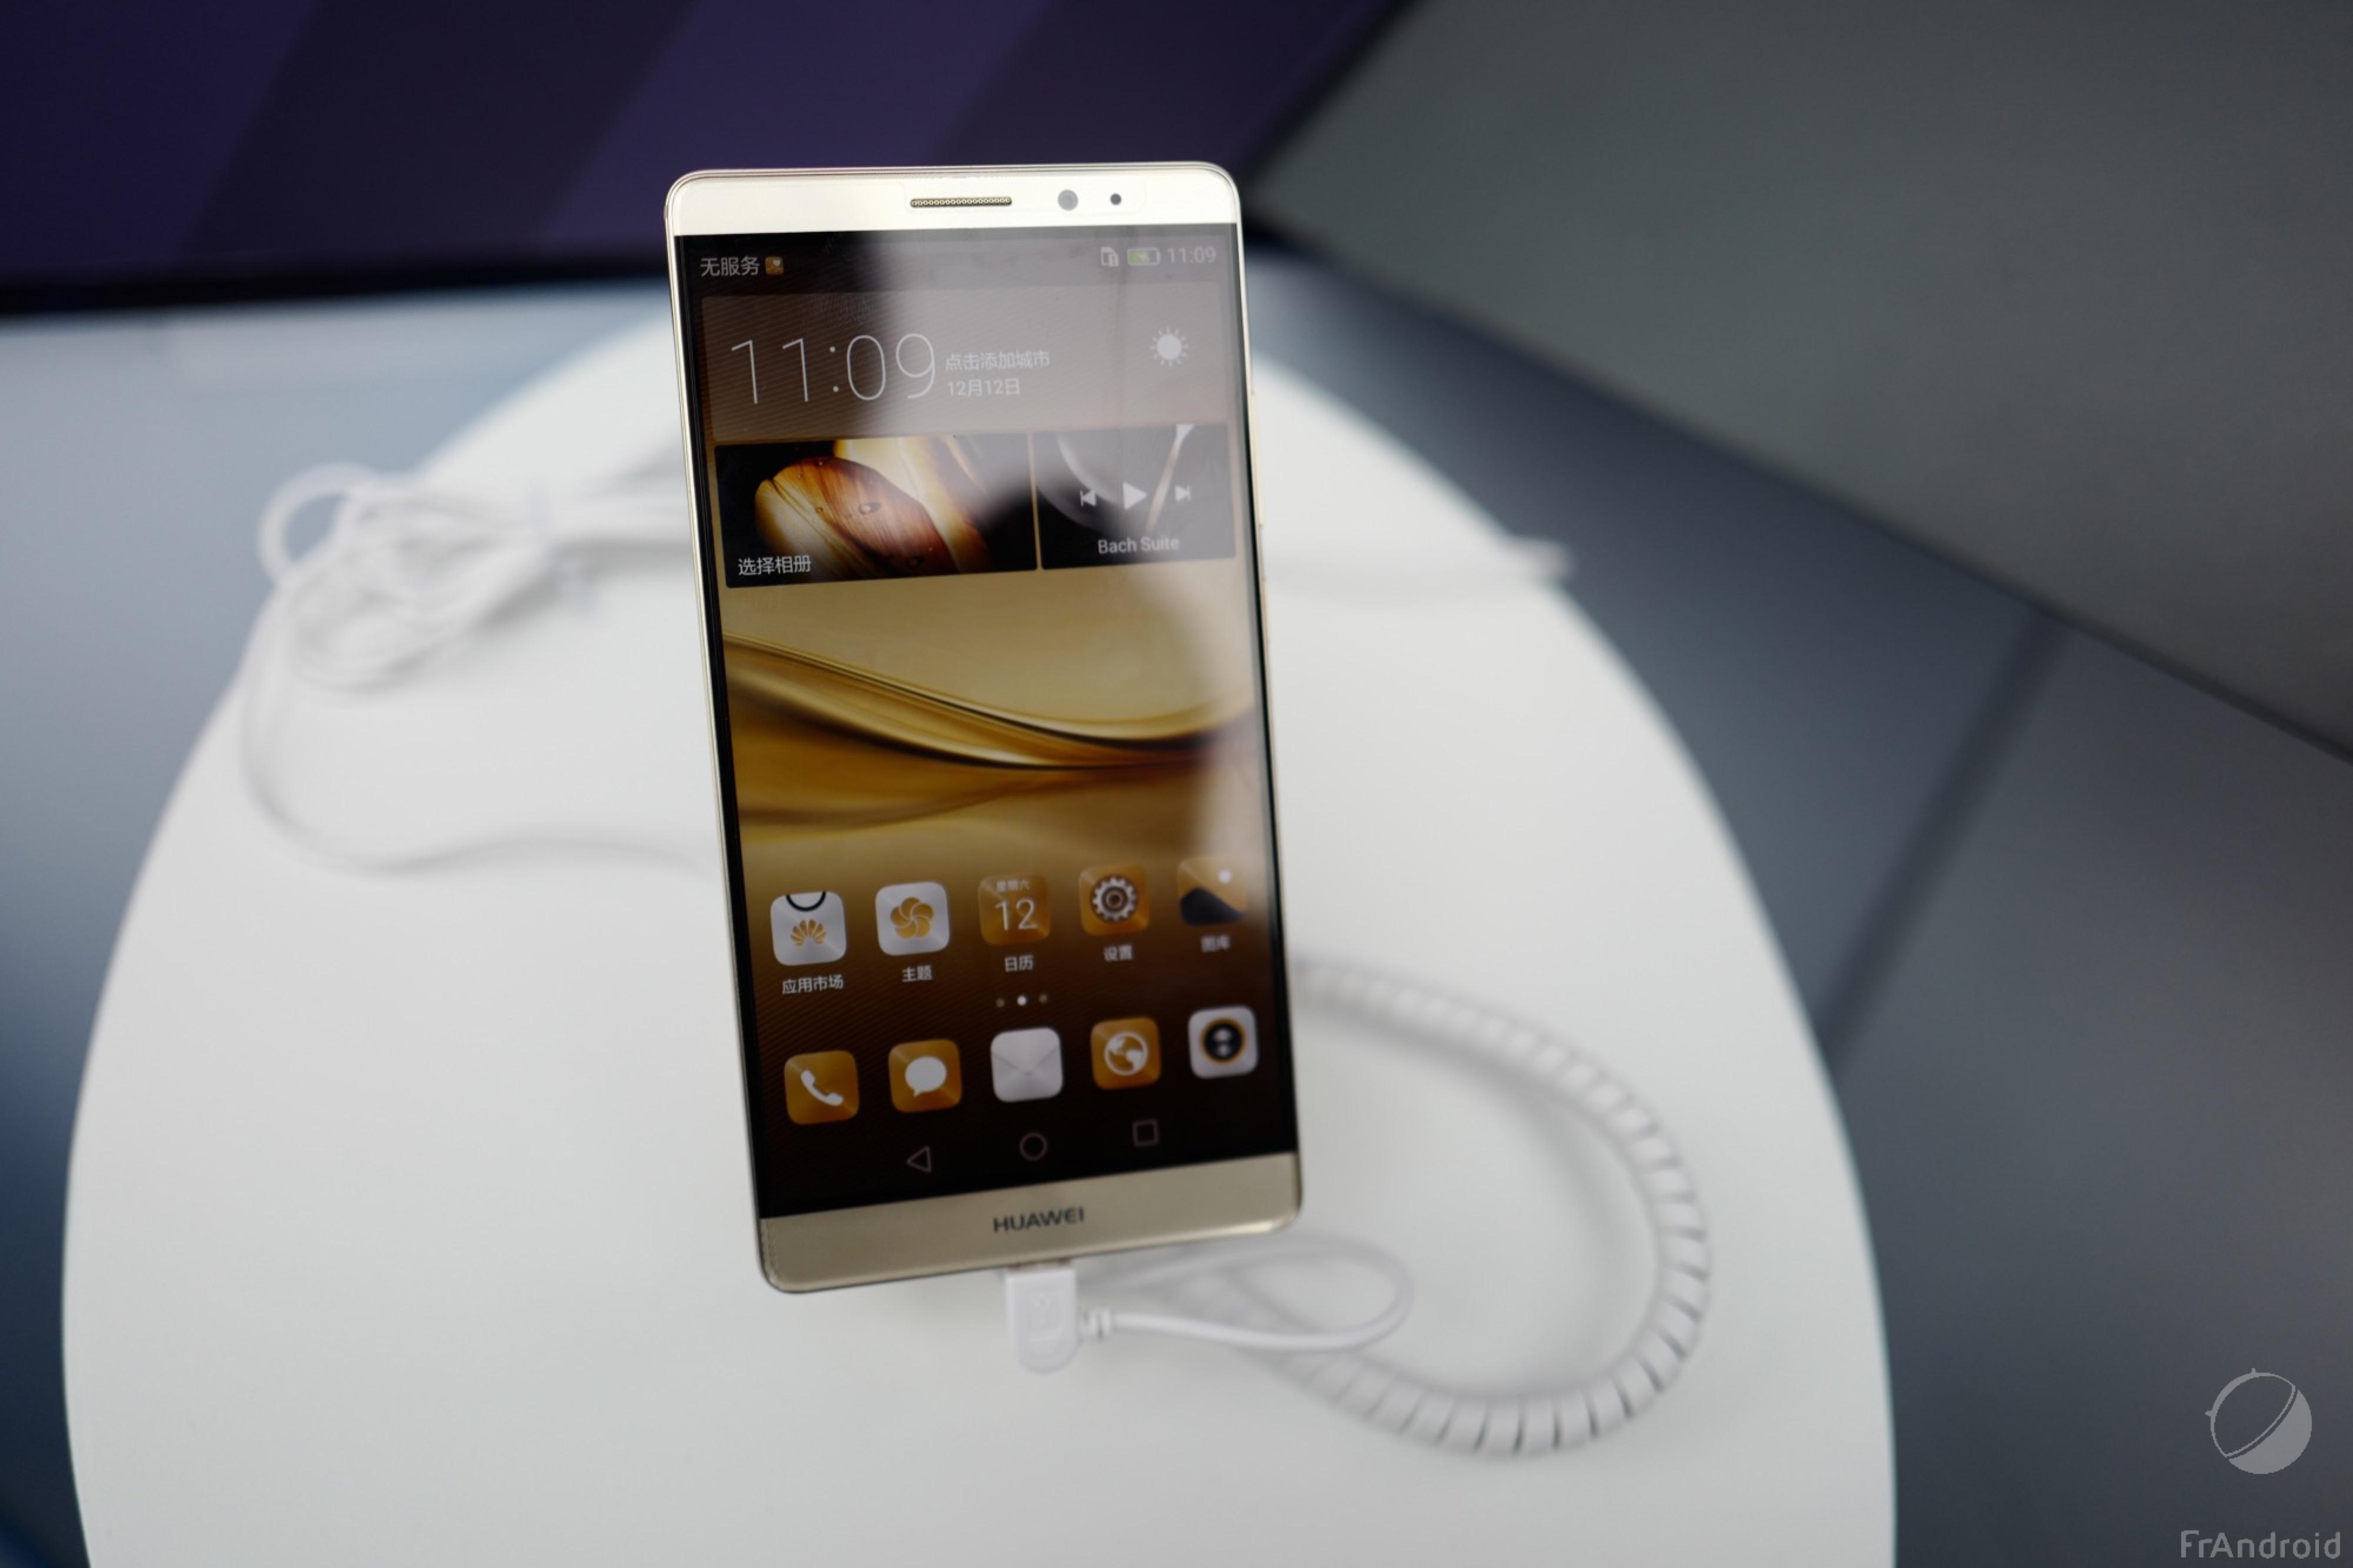 Le Huawei Mate 8 est en précommande en France à 599 euros